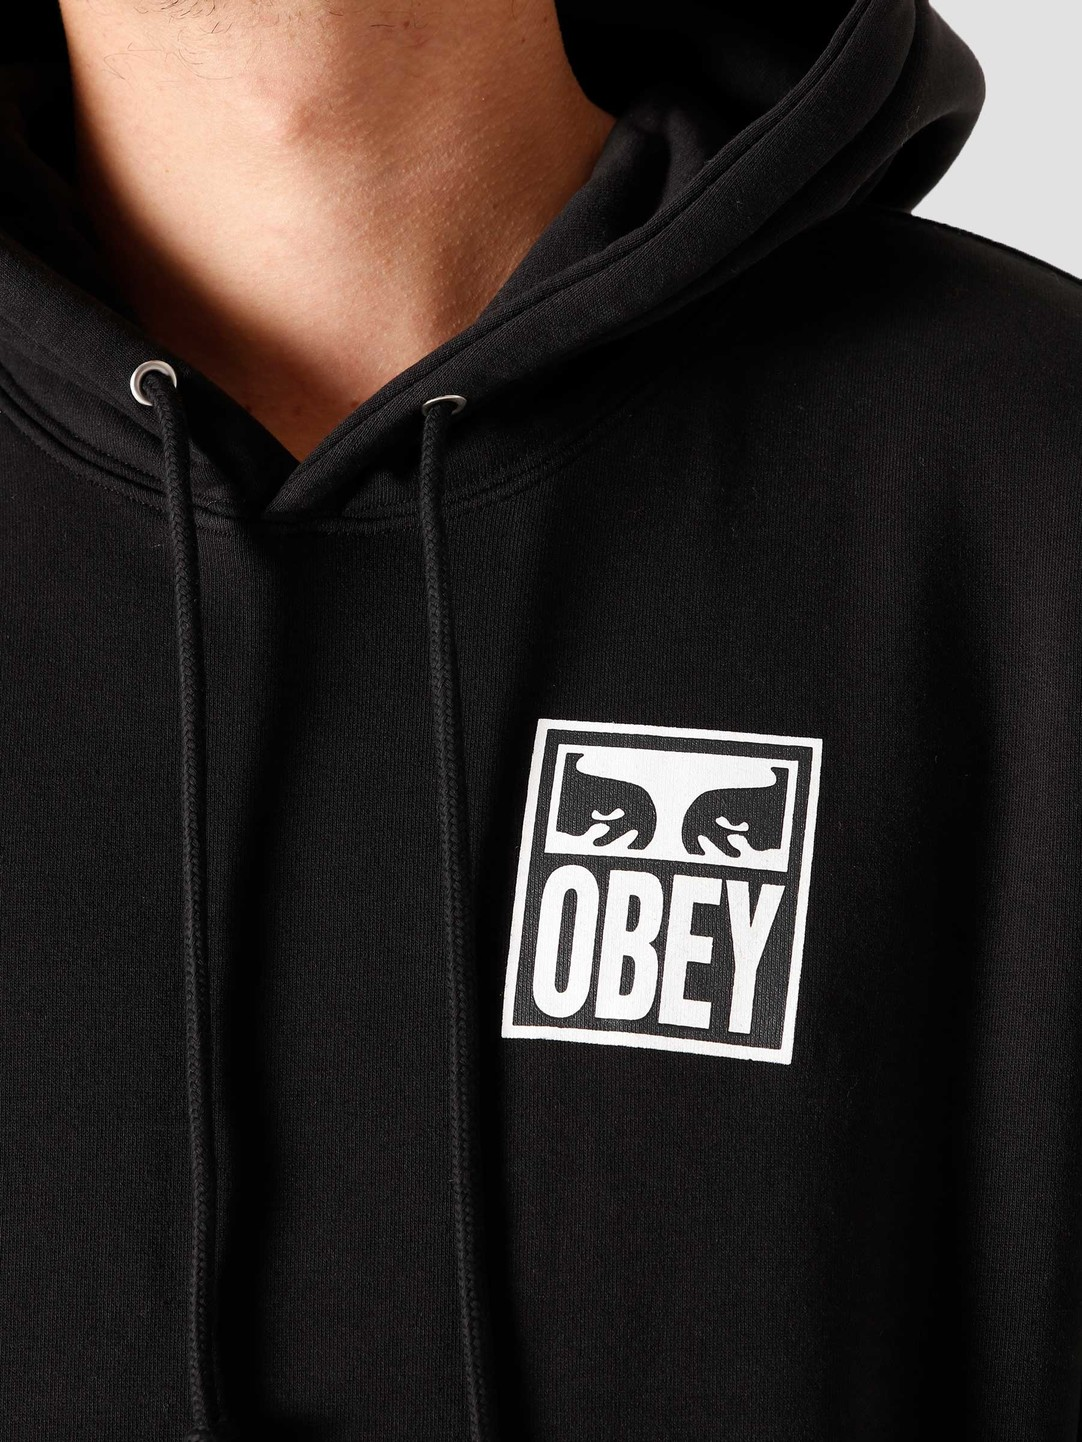 Obey Obey OBEY Eyes Icon 2 Black 112842142BLK